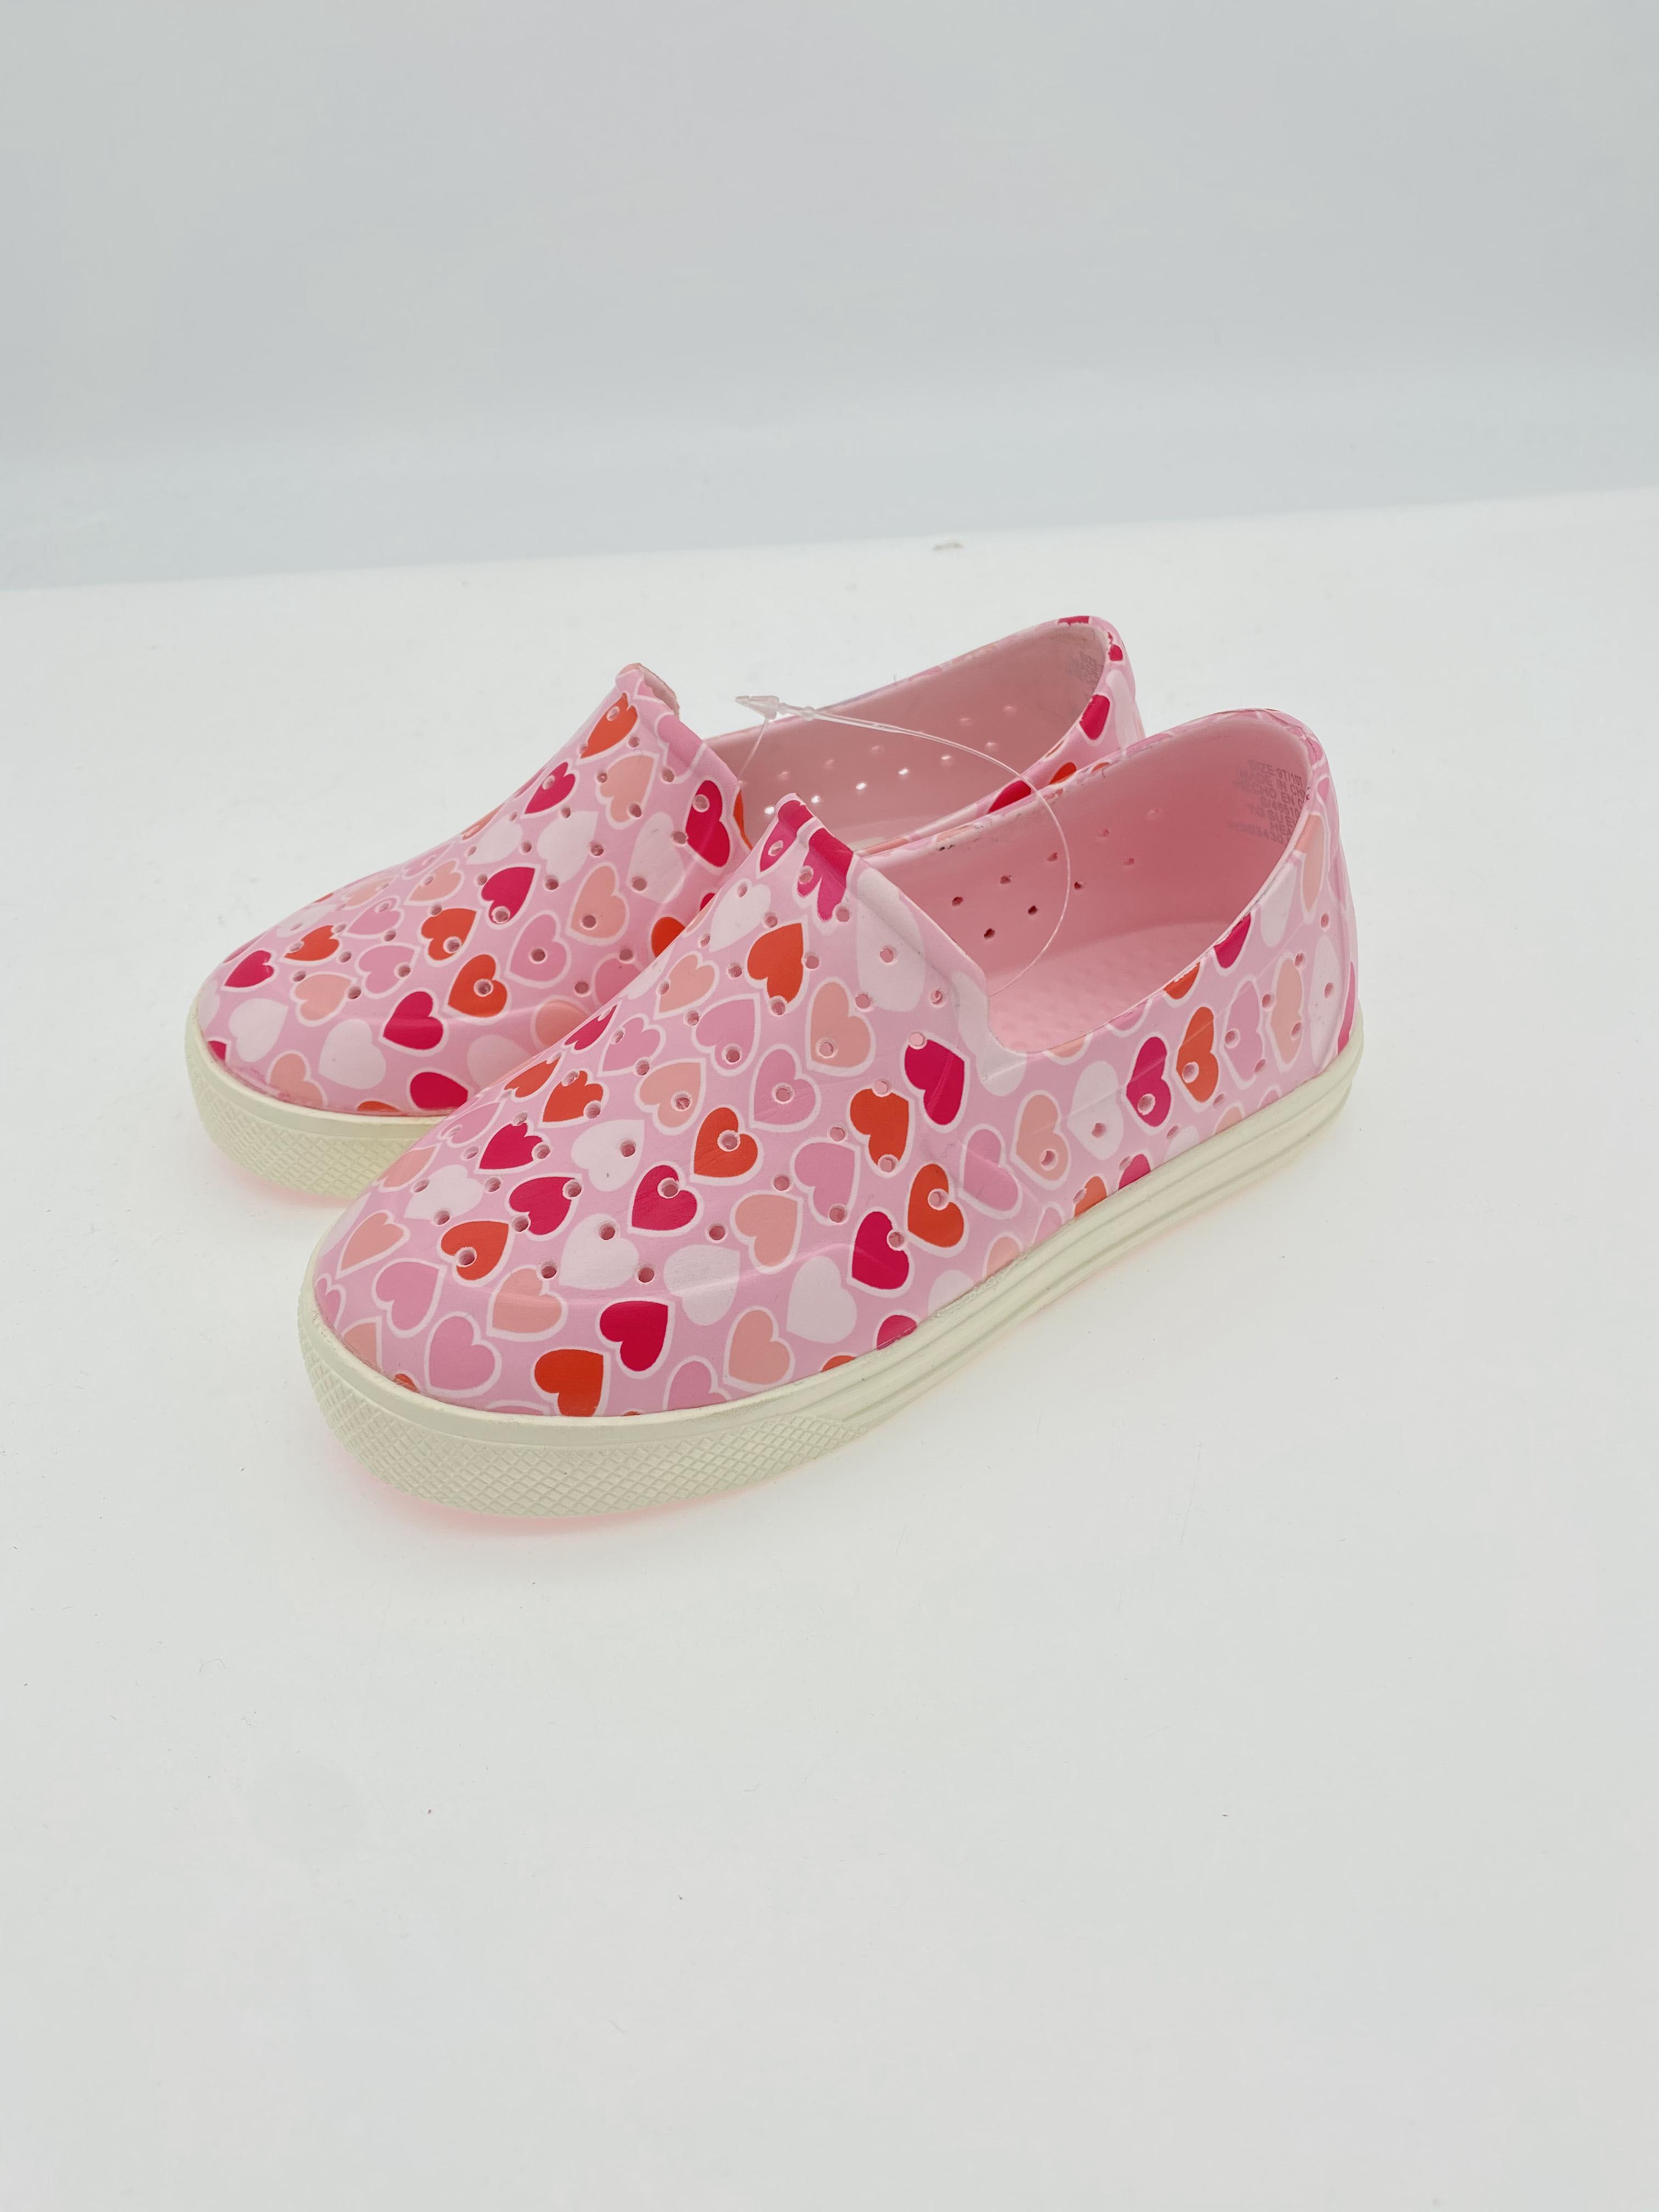 粉红色凉鞋 男女童镂空凉鞋洞洞鞋轻便防滑沙滩鞋粉红紫色(包邮)_推荐淘宝好看的粉红色凉鞋